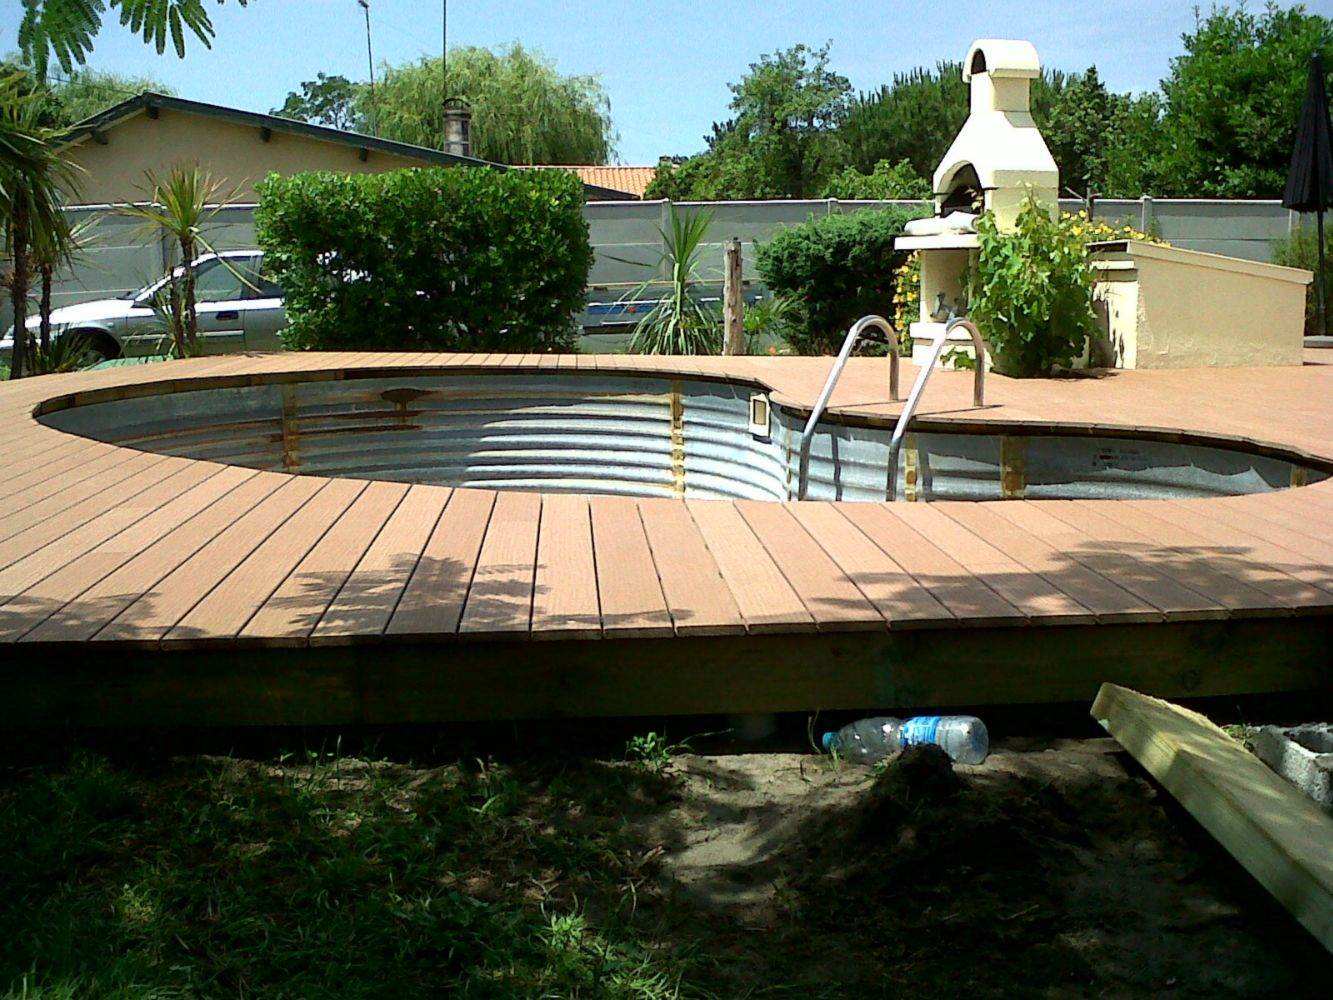 Terrasse en composite autour d une piscine arrondie - Faire une terrasse en composite ...